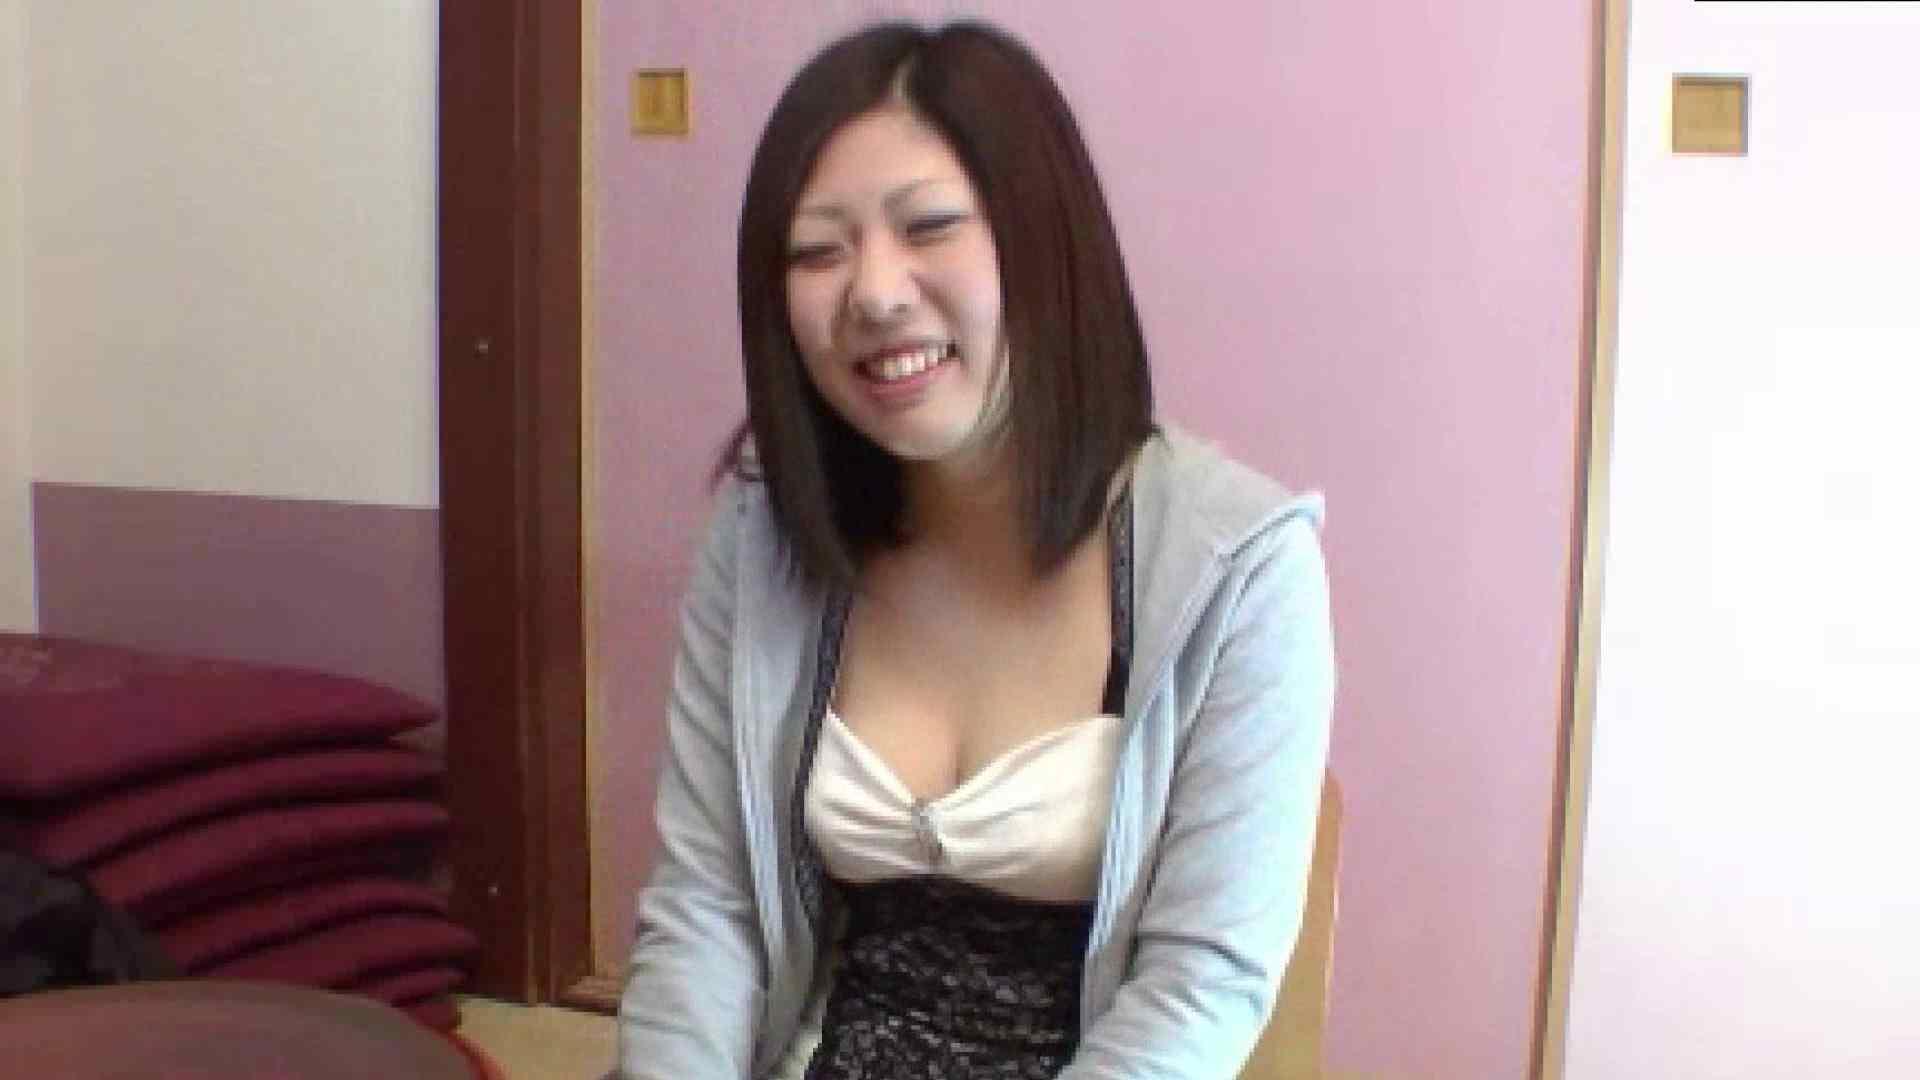 アヘ顔のわたしってどうかしら Vol.042 むっちり熟女 おめこ無修正動画無料 82枚 14